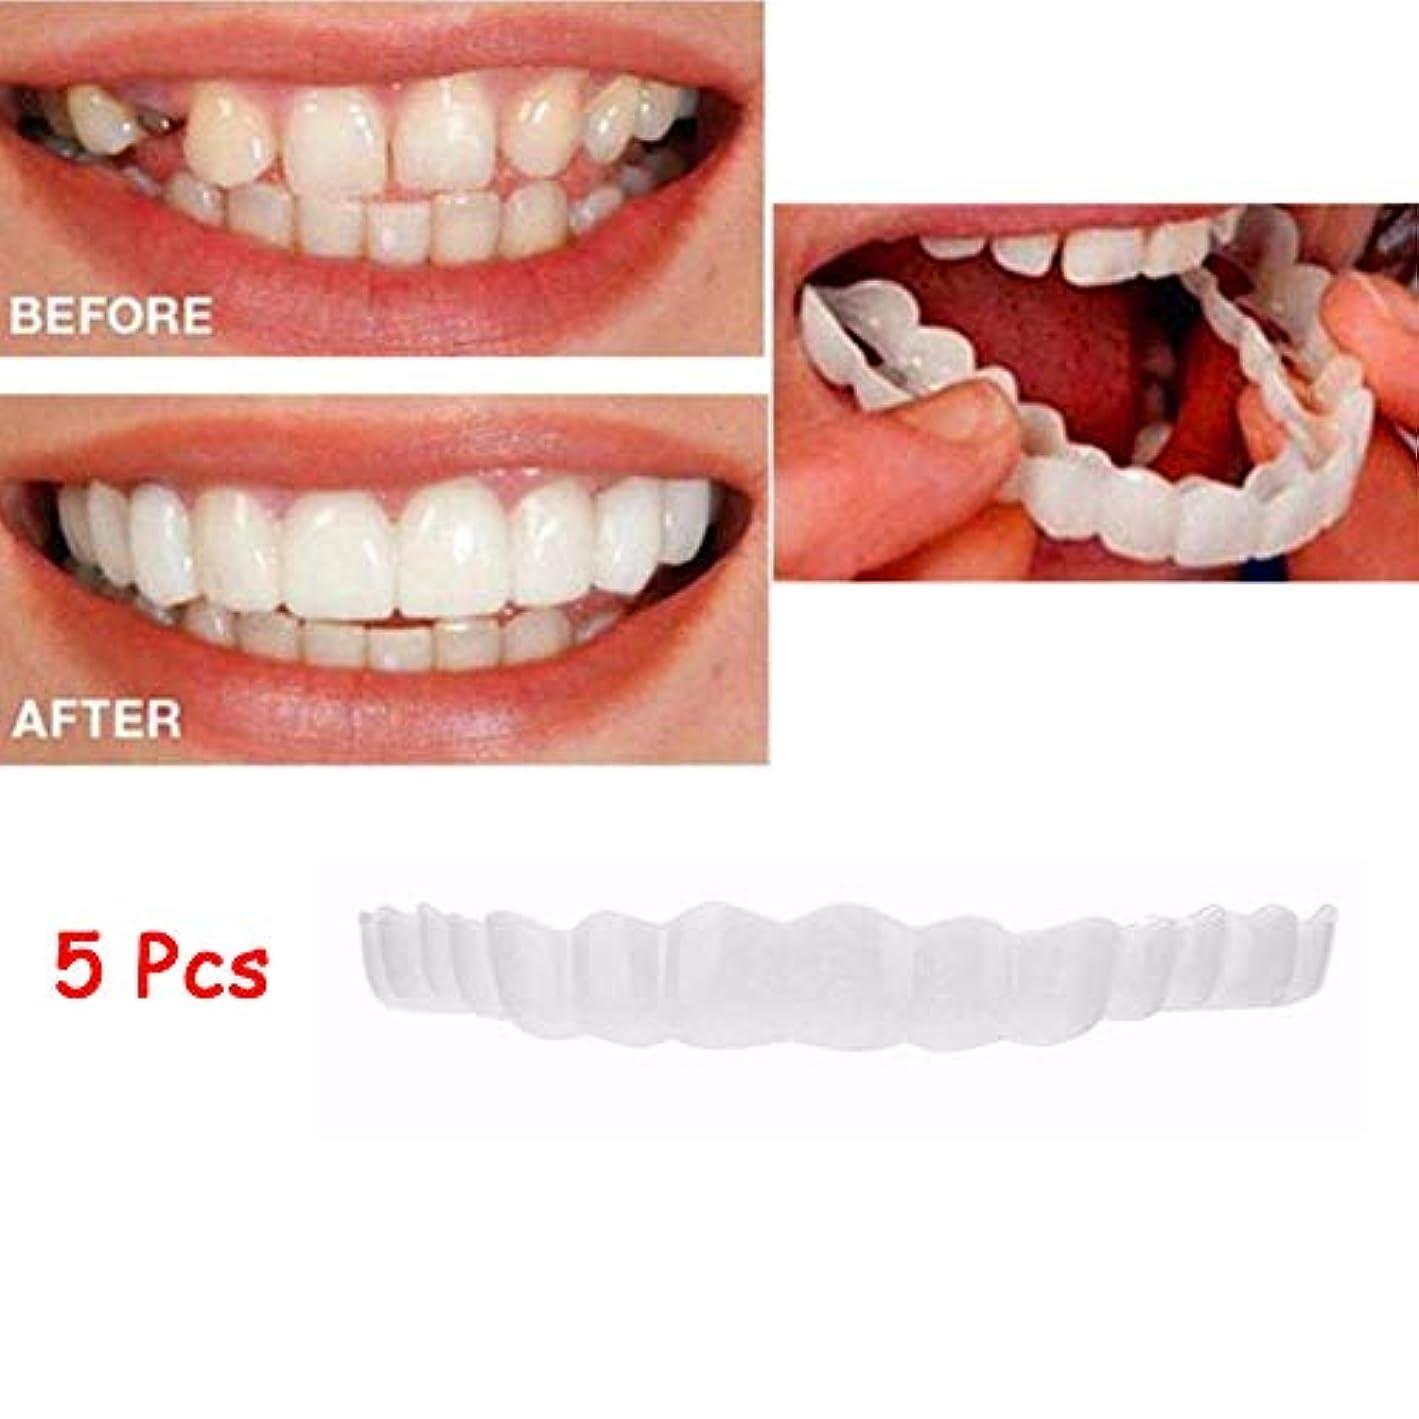 毒ギャングスター描く5本突き板、化粧品の歯 - 一時的な笑顔の快適さフィットフレックス化粧品の歯ワンサイズは最も快適な歯のベニーにフィット